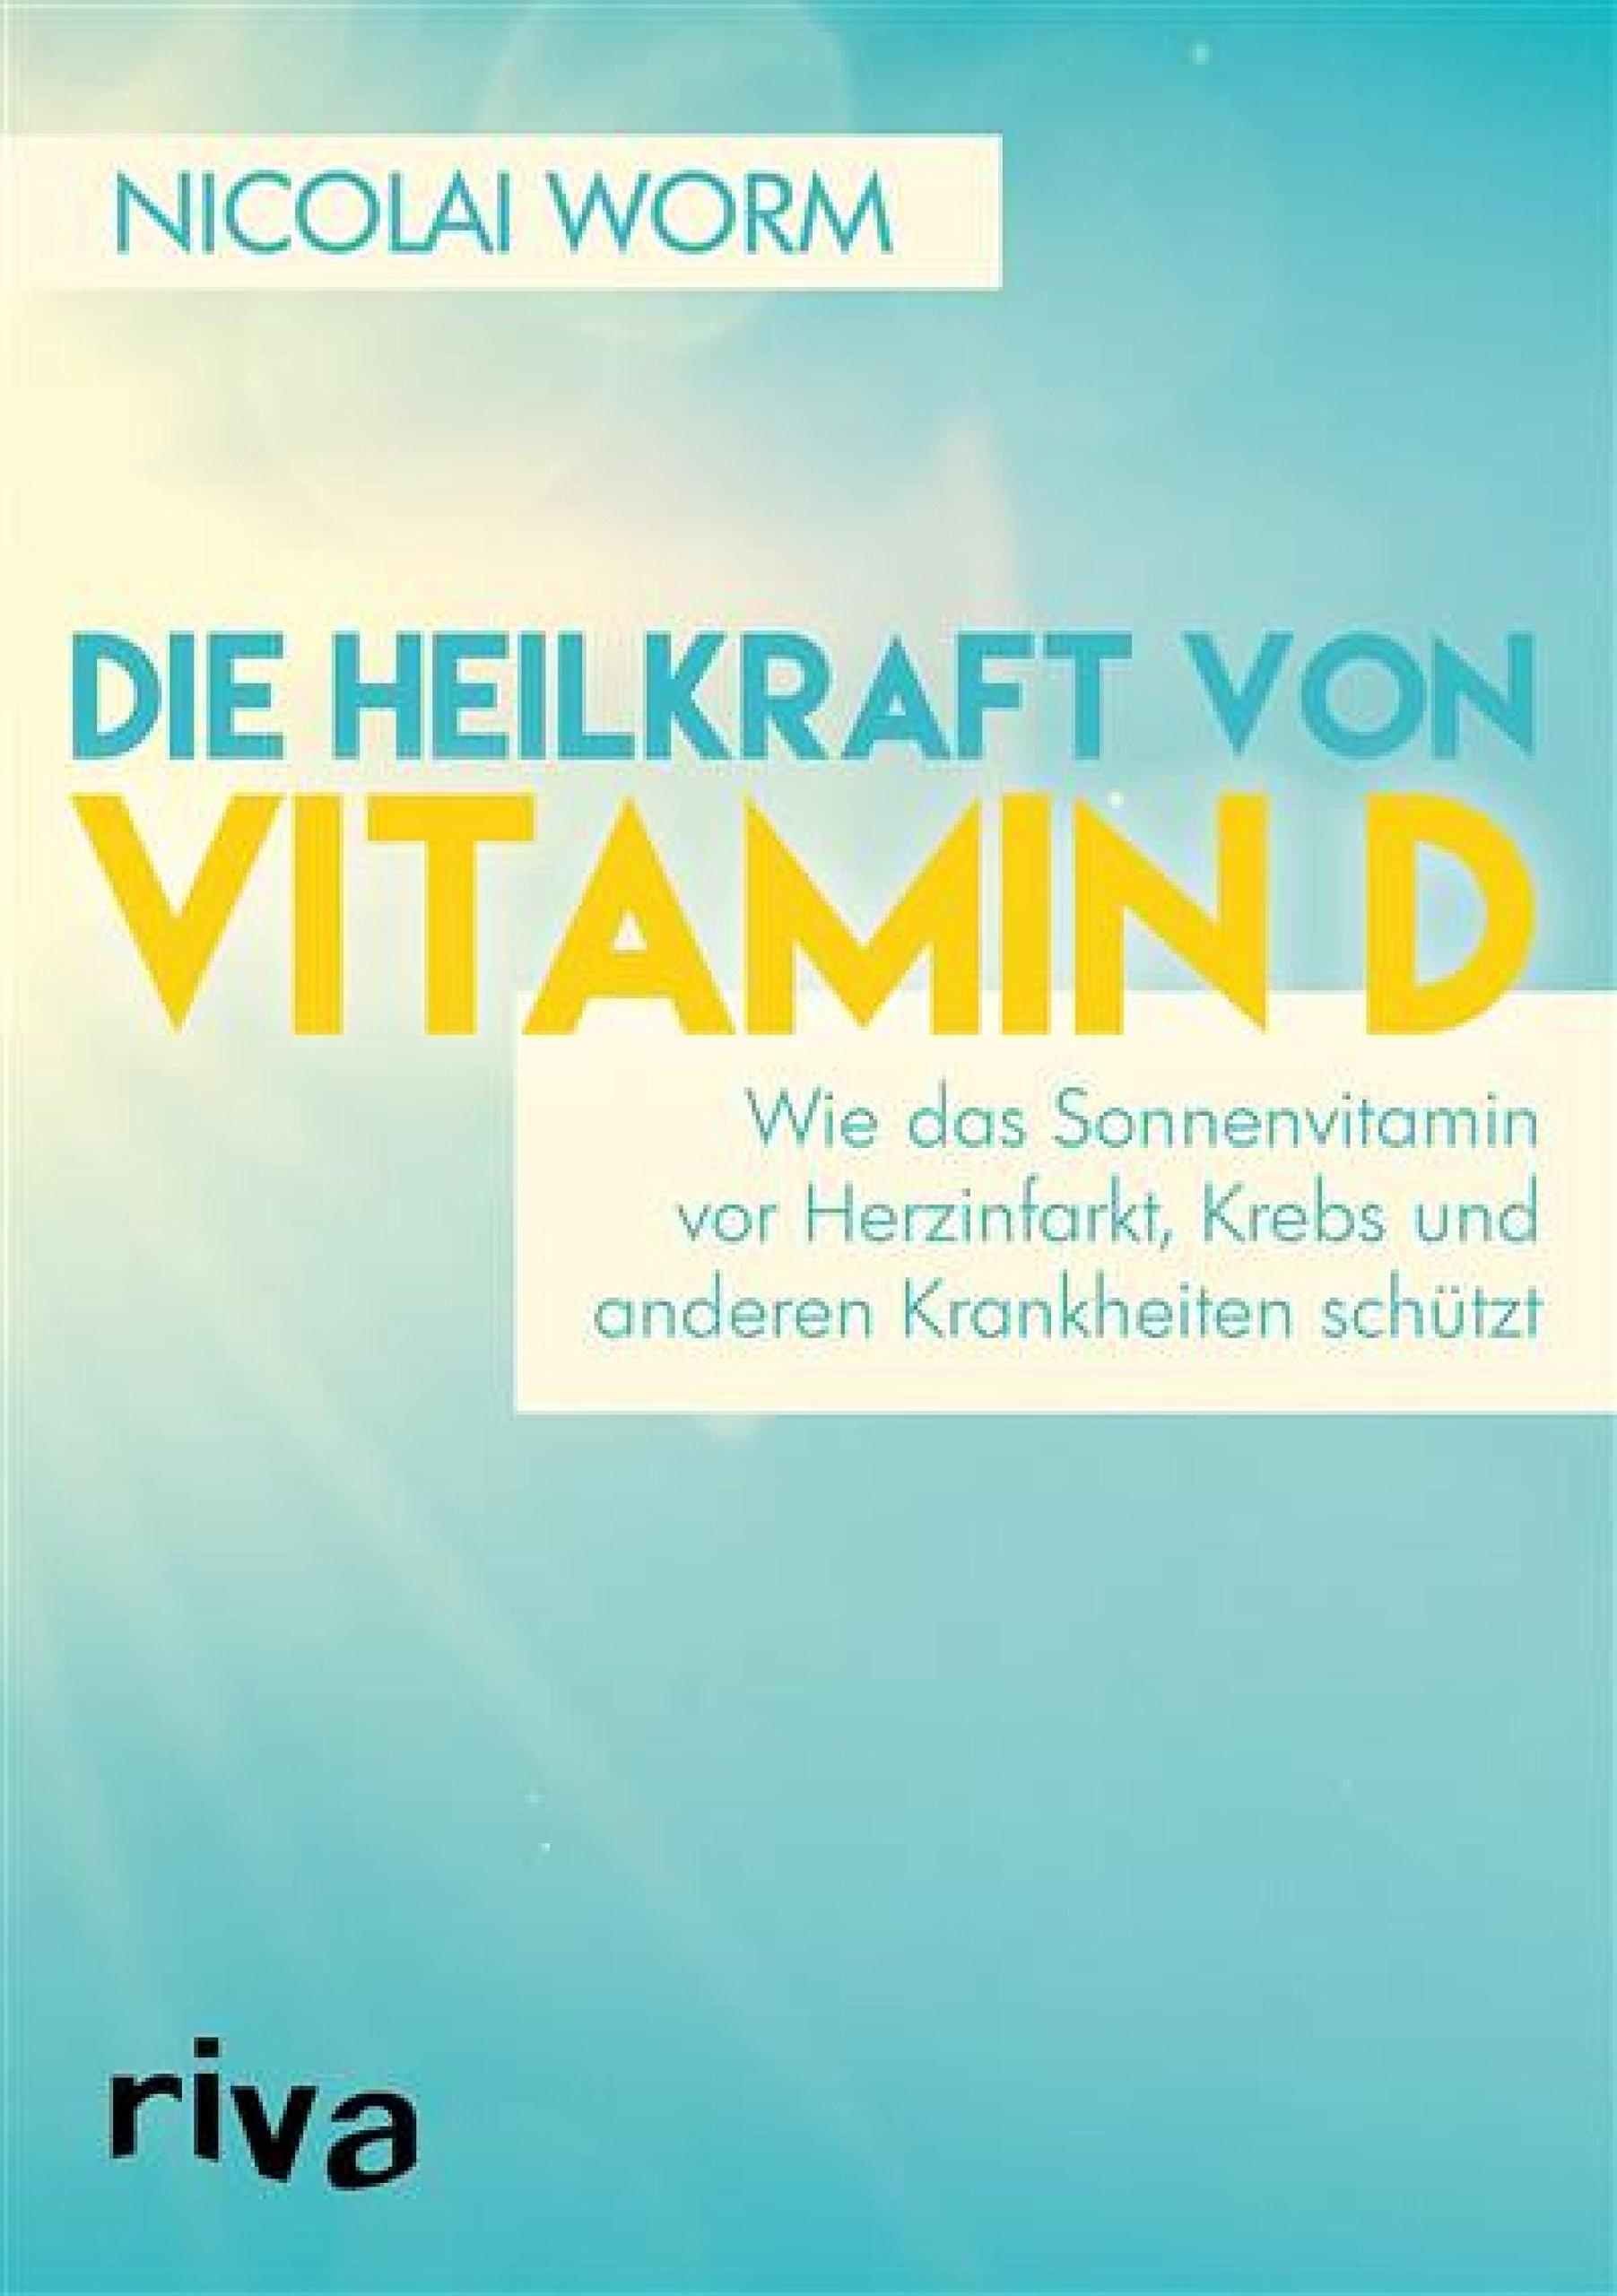 Die Heilkraft von Vitamin D: Wie das Sonnenvitamin vor Herzinfarkt Krebs und anderen Krankheiten schützt